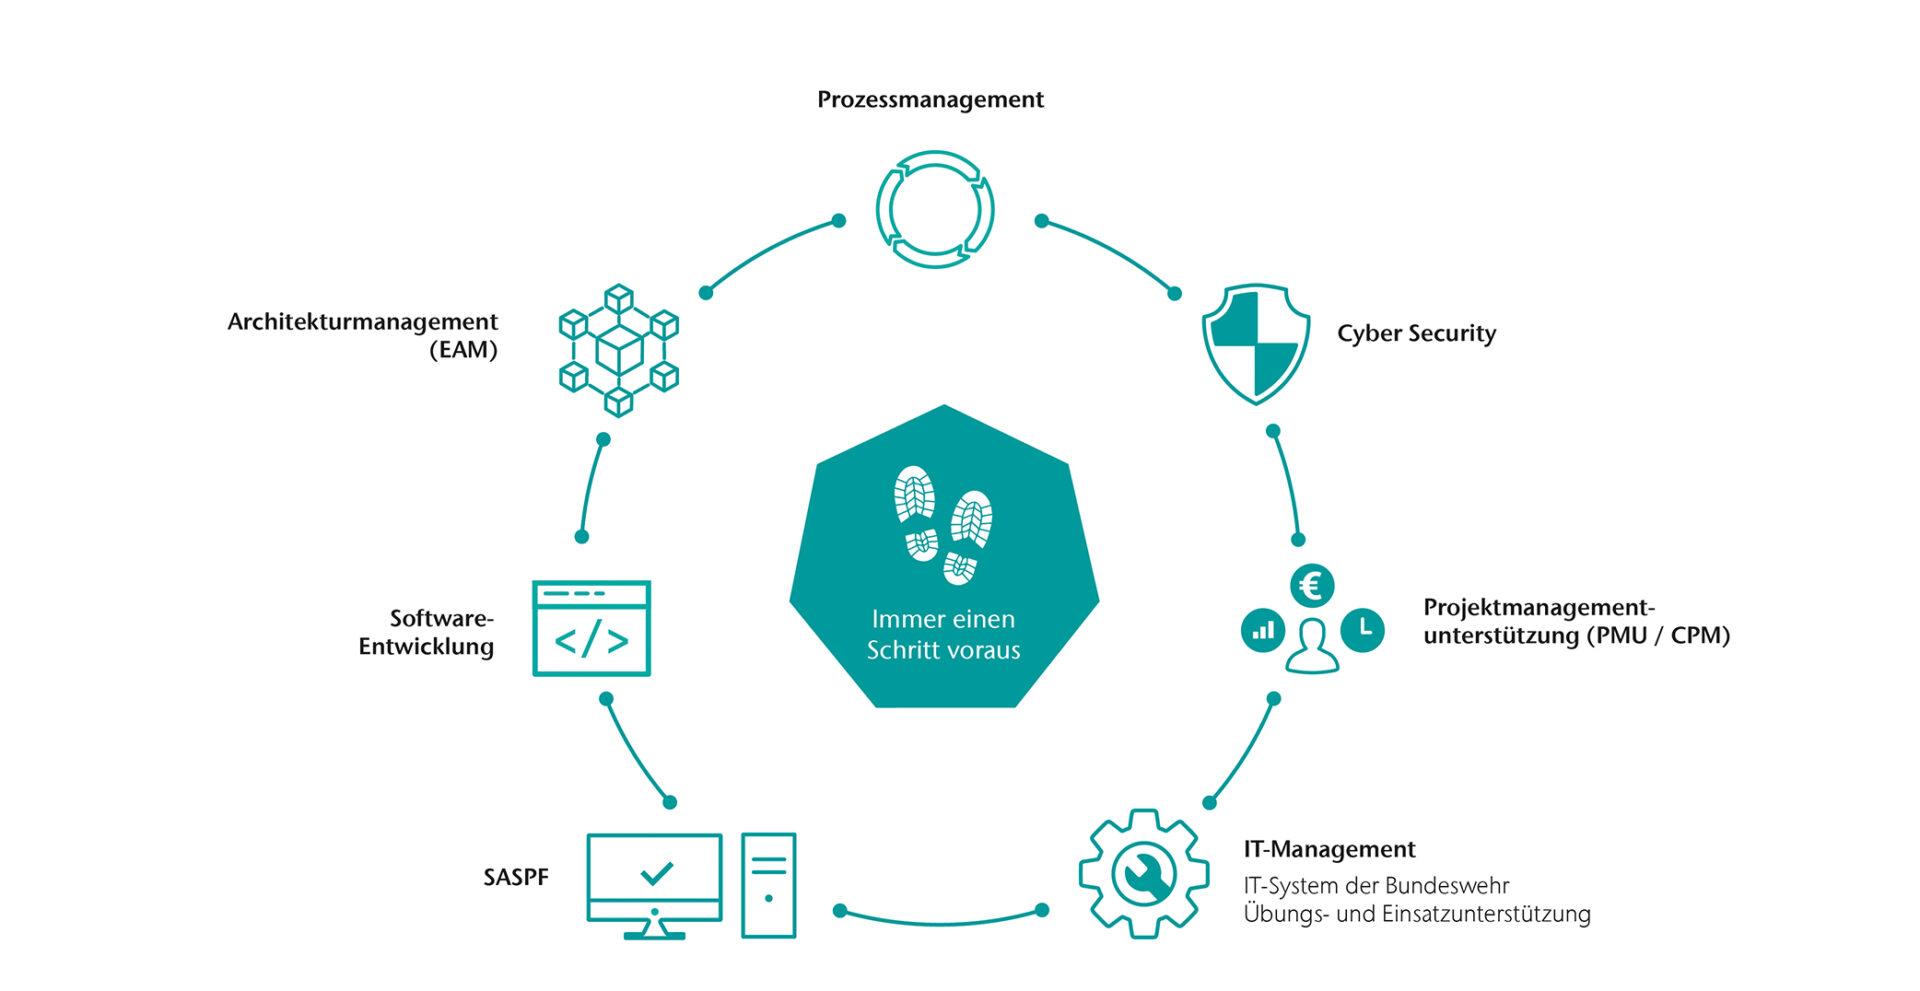 Das CONET-Leistungsportfolio im Defense-Umfeld: Cyber Defense, EAM, Prozessmanagement und mehr